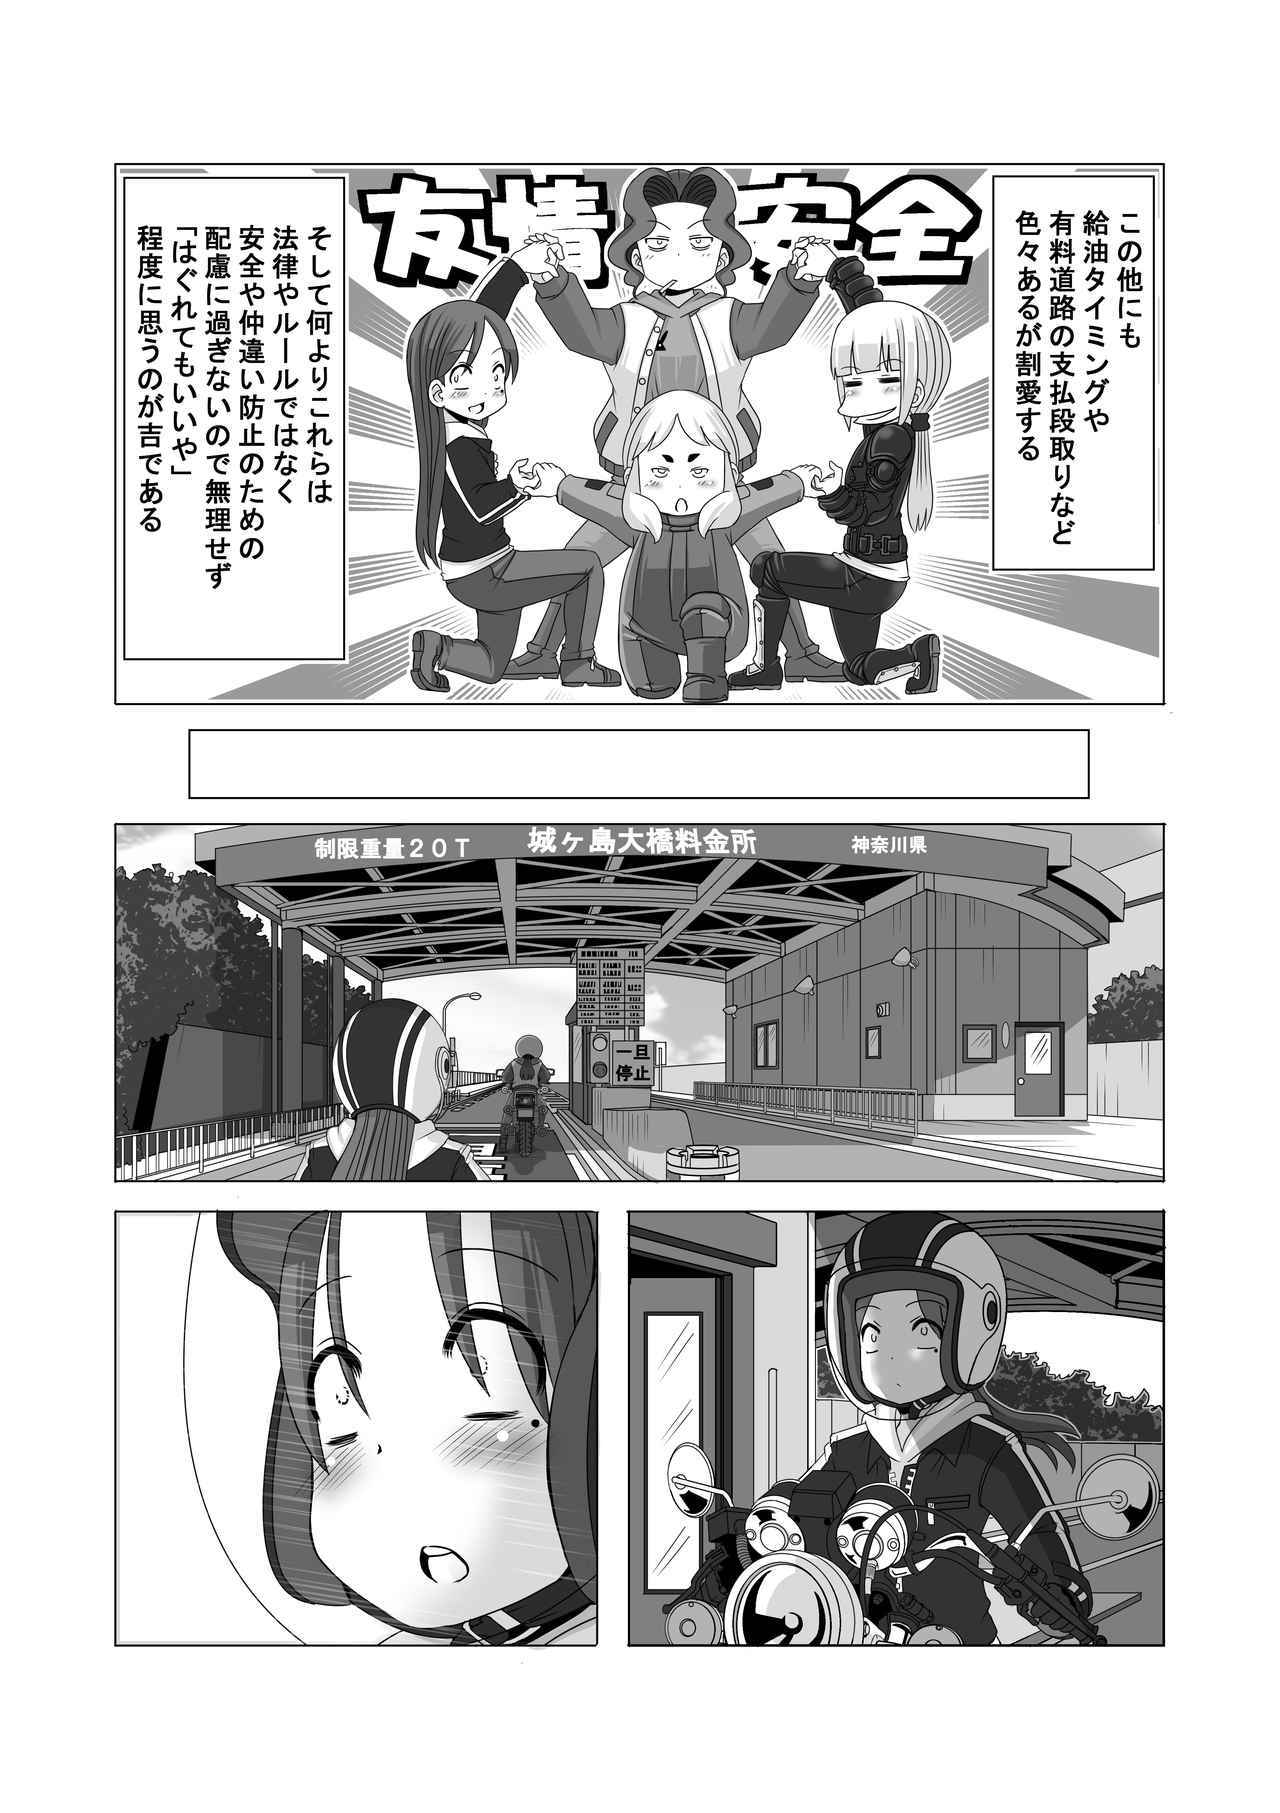 画像4: 【連載】馬場郁子がこよなくバイクを愛す理由(第十七話:あの頃を思い出せるワケ)作:鈴木秀吉